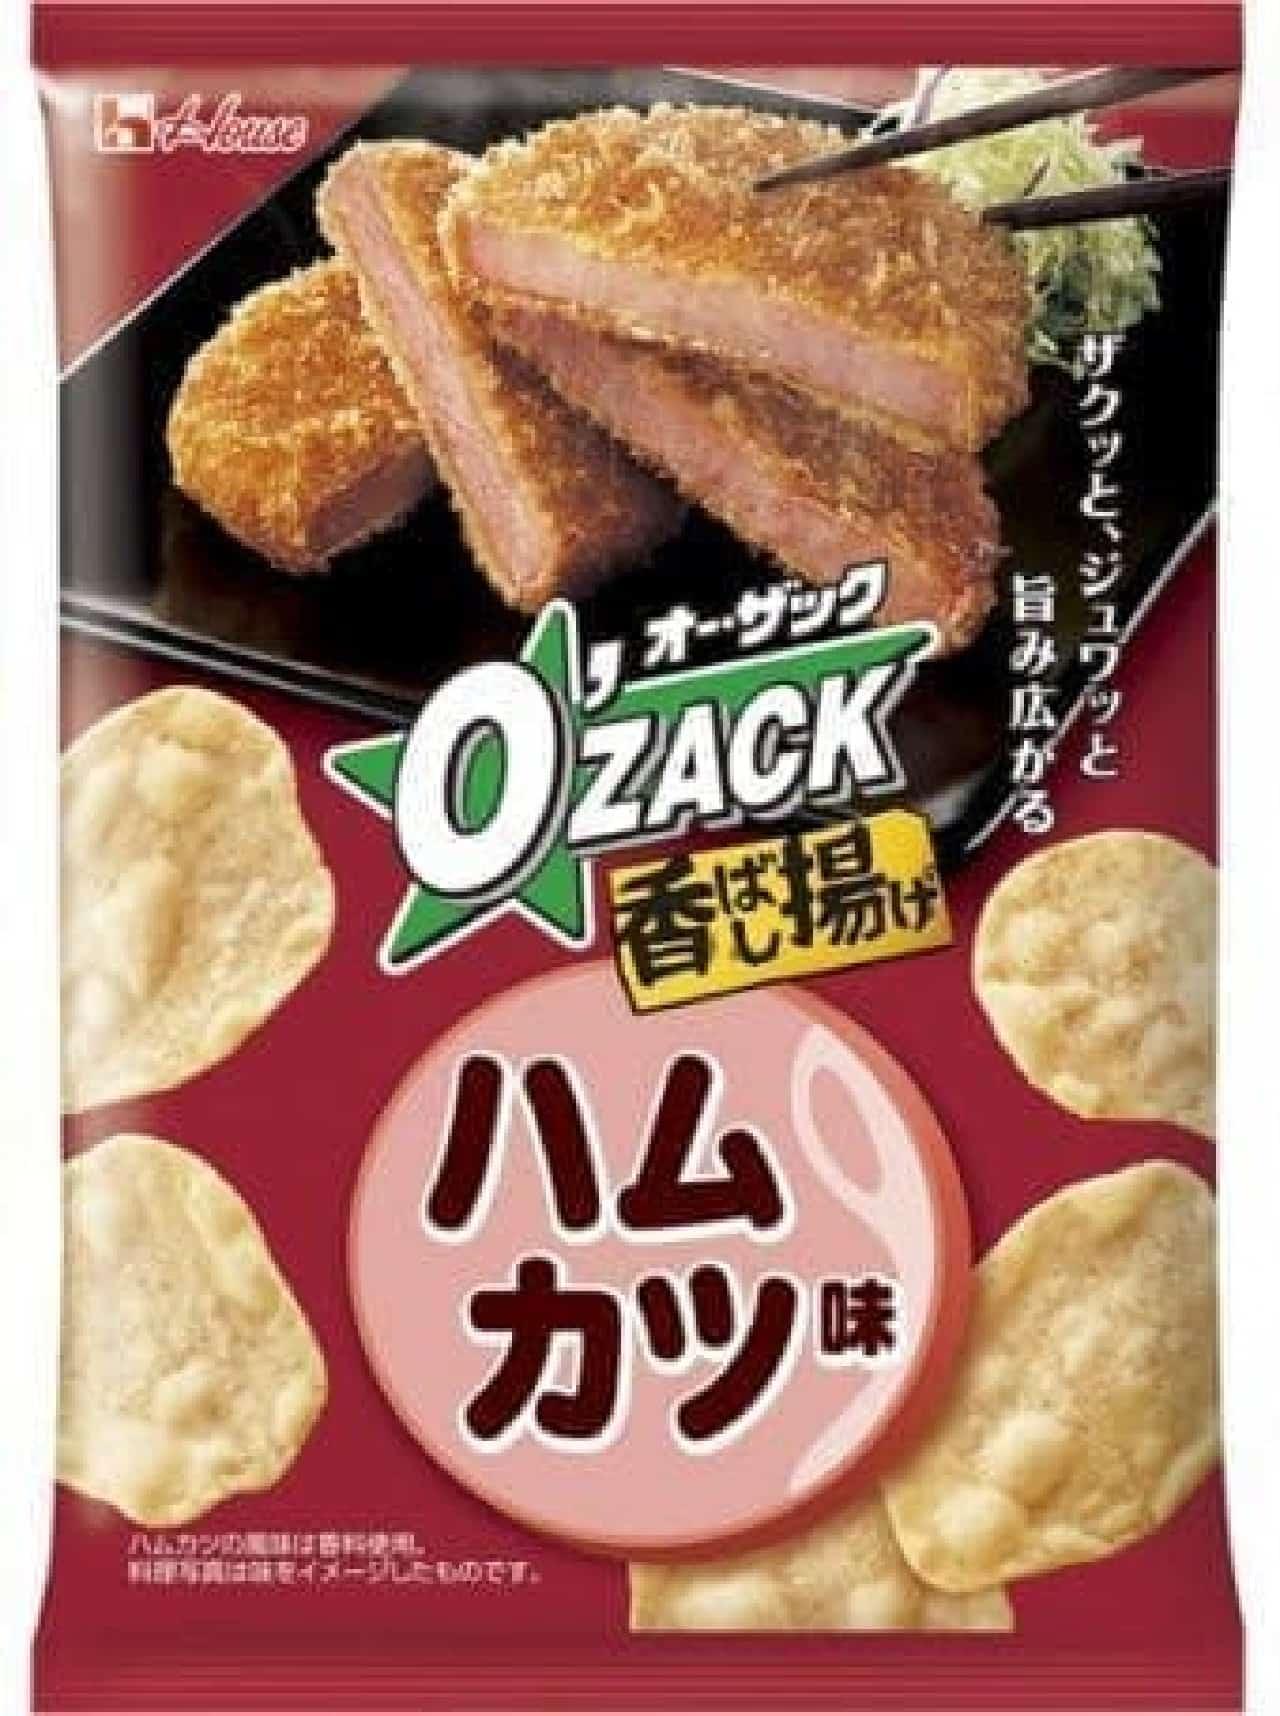 ハウス食品「オー・ザック香ばし揚げ<ハムカツ味>」